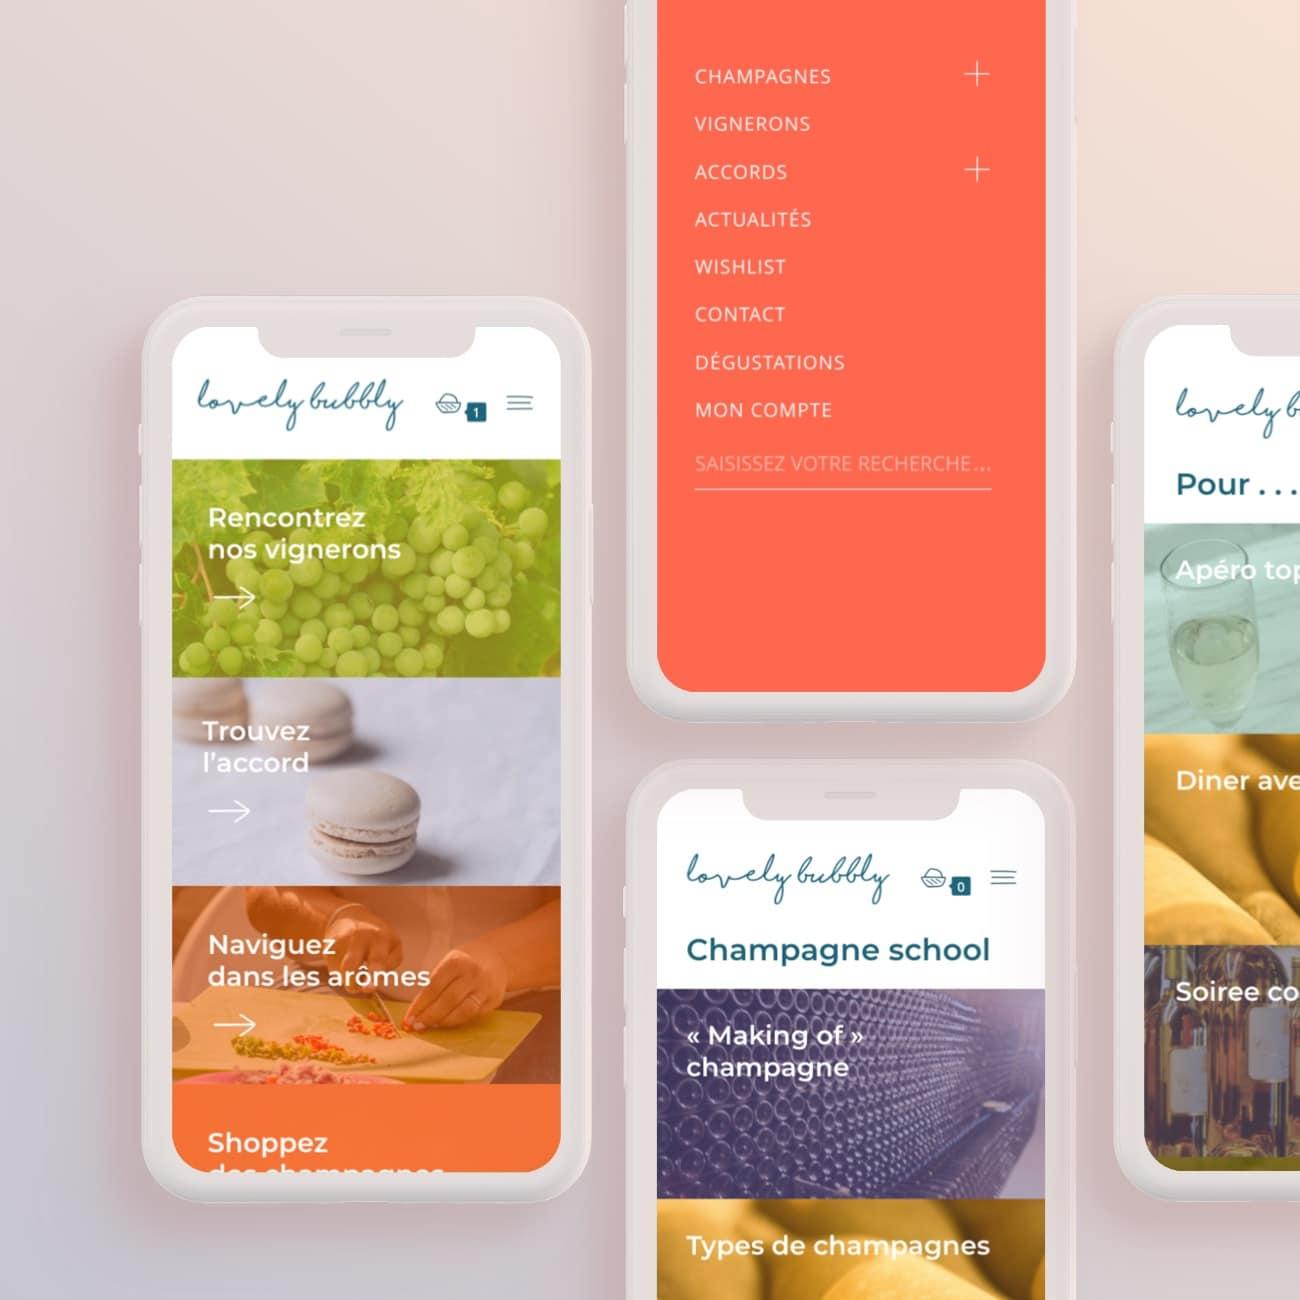 boutique en ligne et interface : accueil